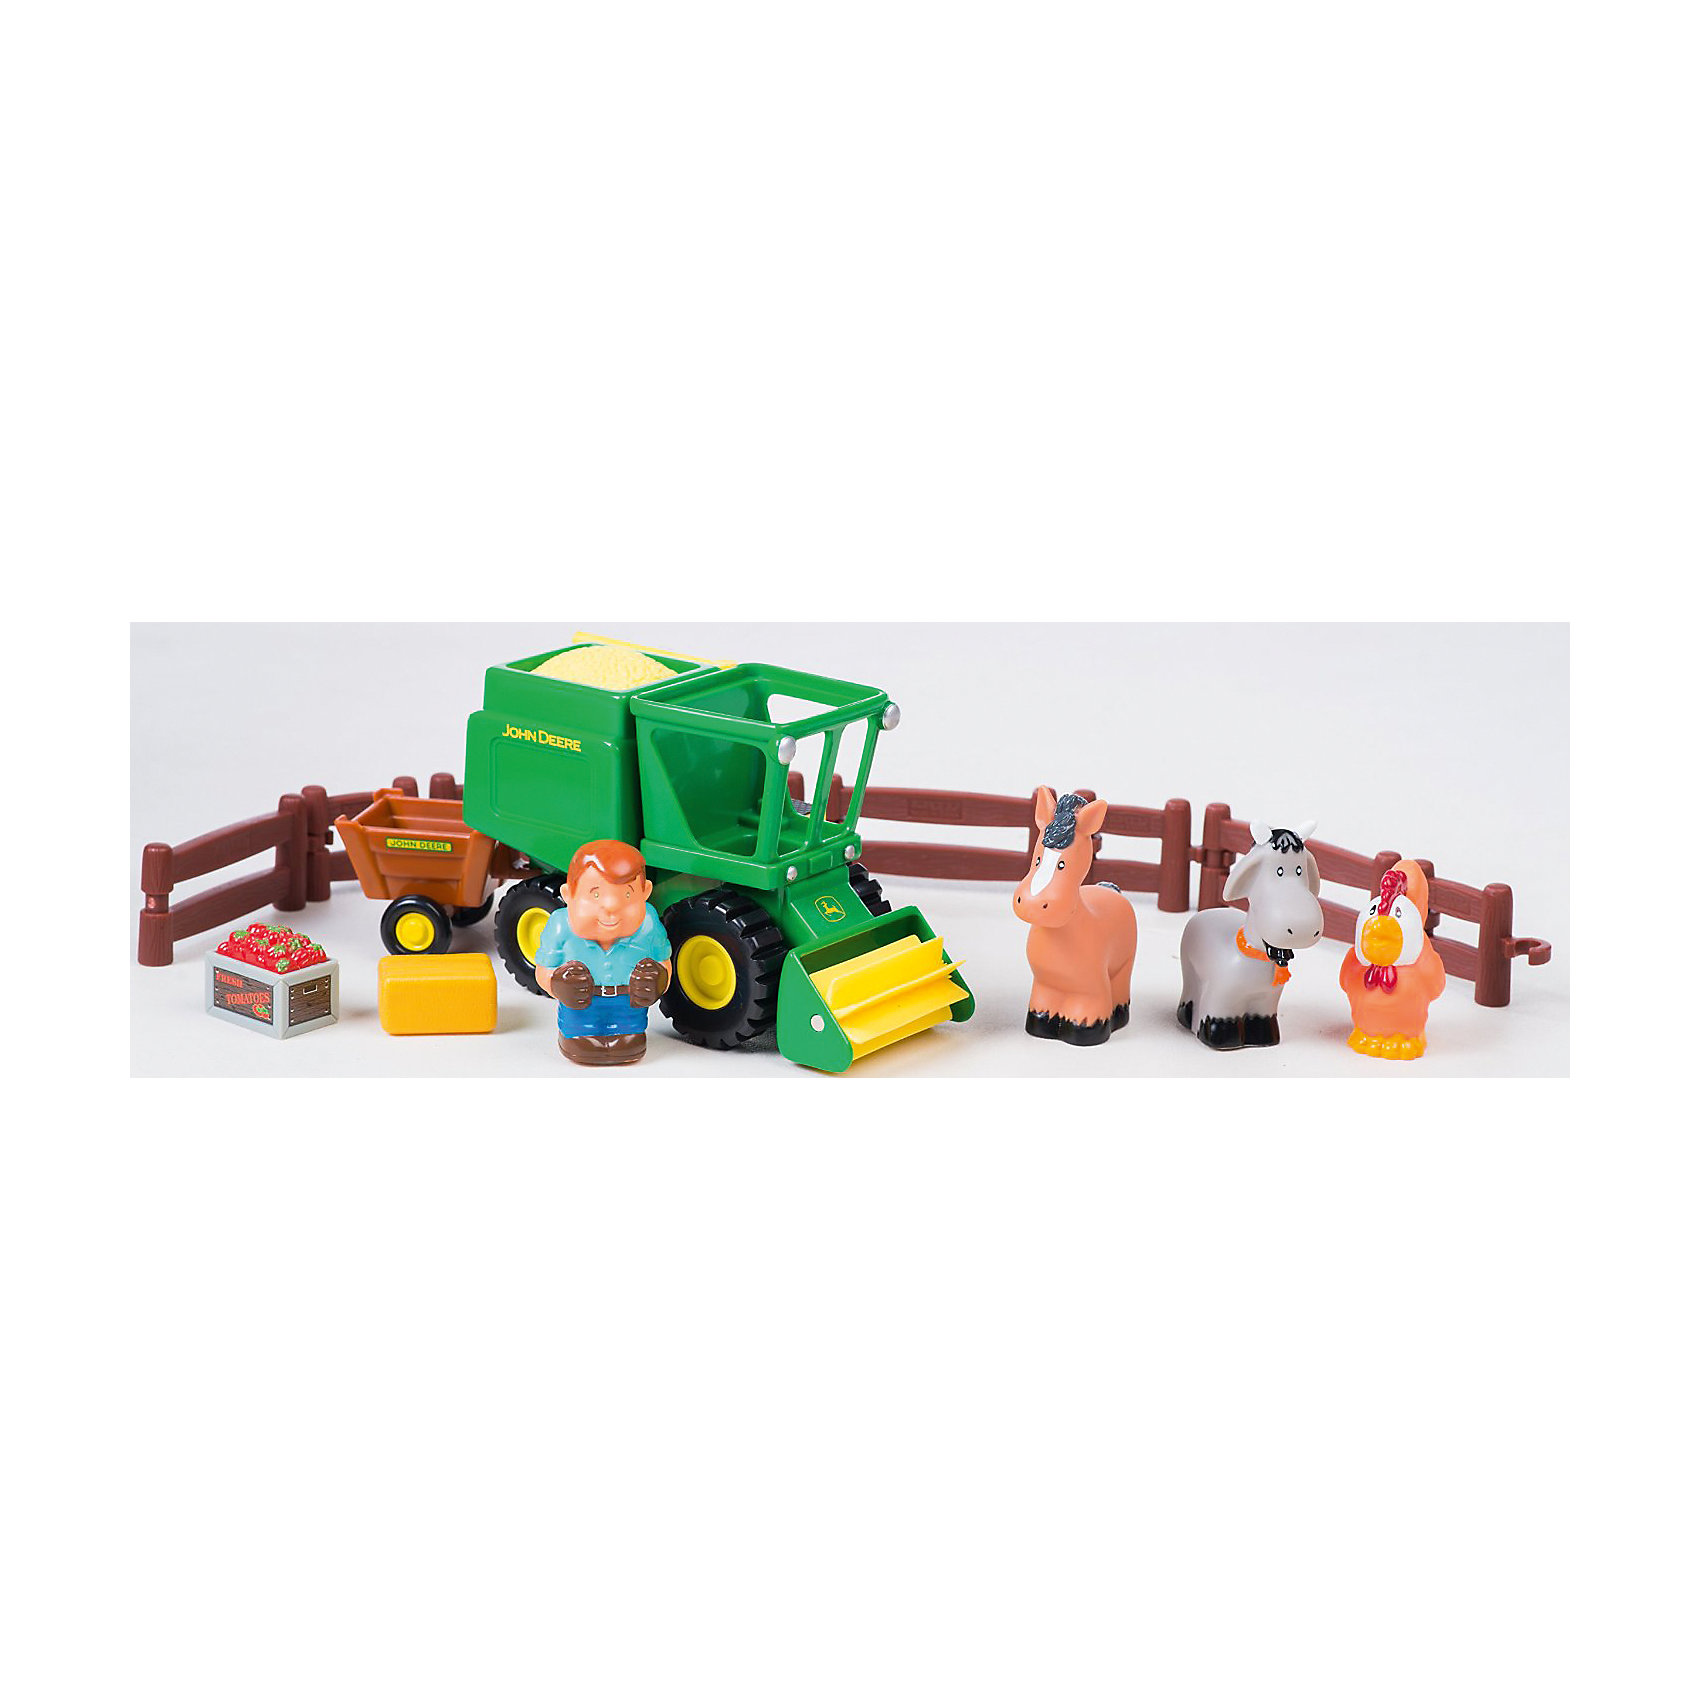 TOMY Игровой набор Уборка урожая, John Deere, Tomy машинки tomy трактор john deere 6830 с двойными колесами и фронтальным погрузчиком